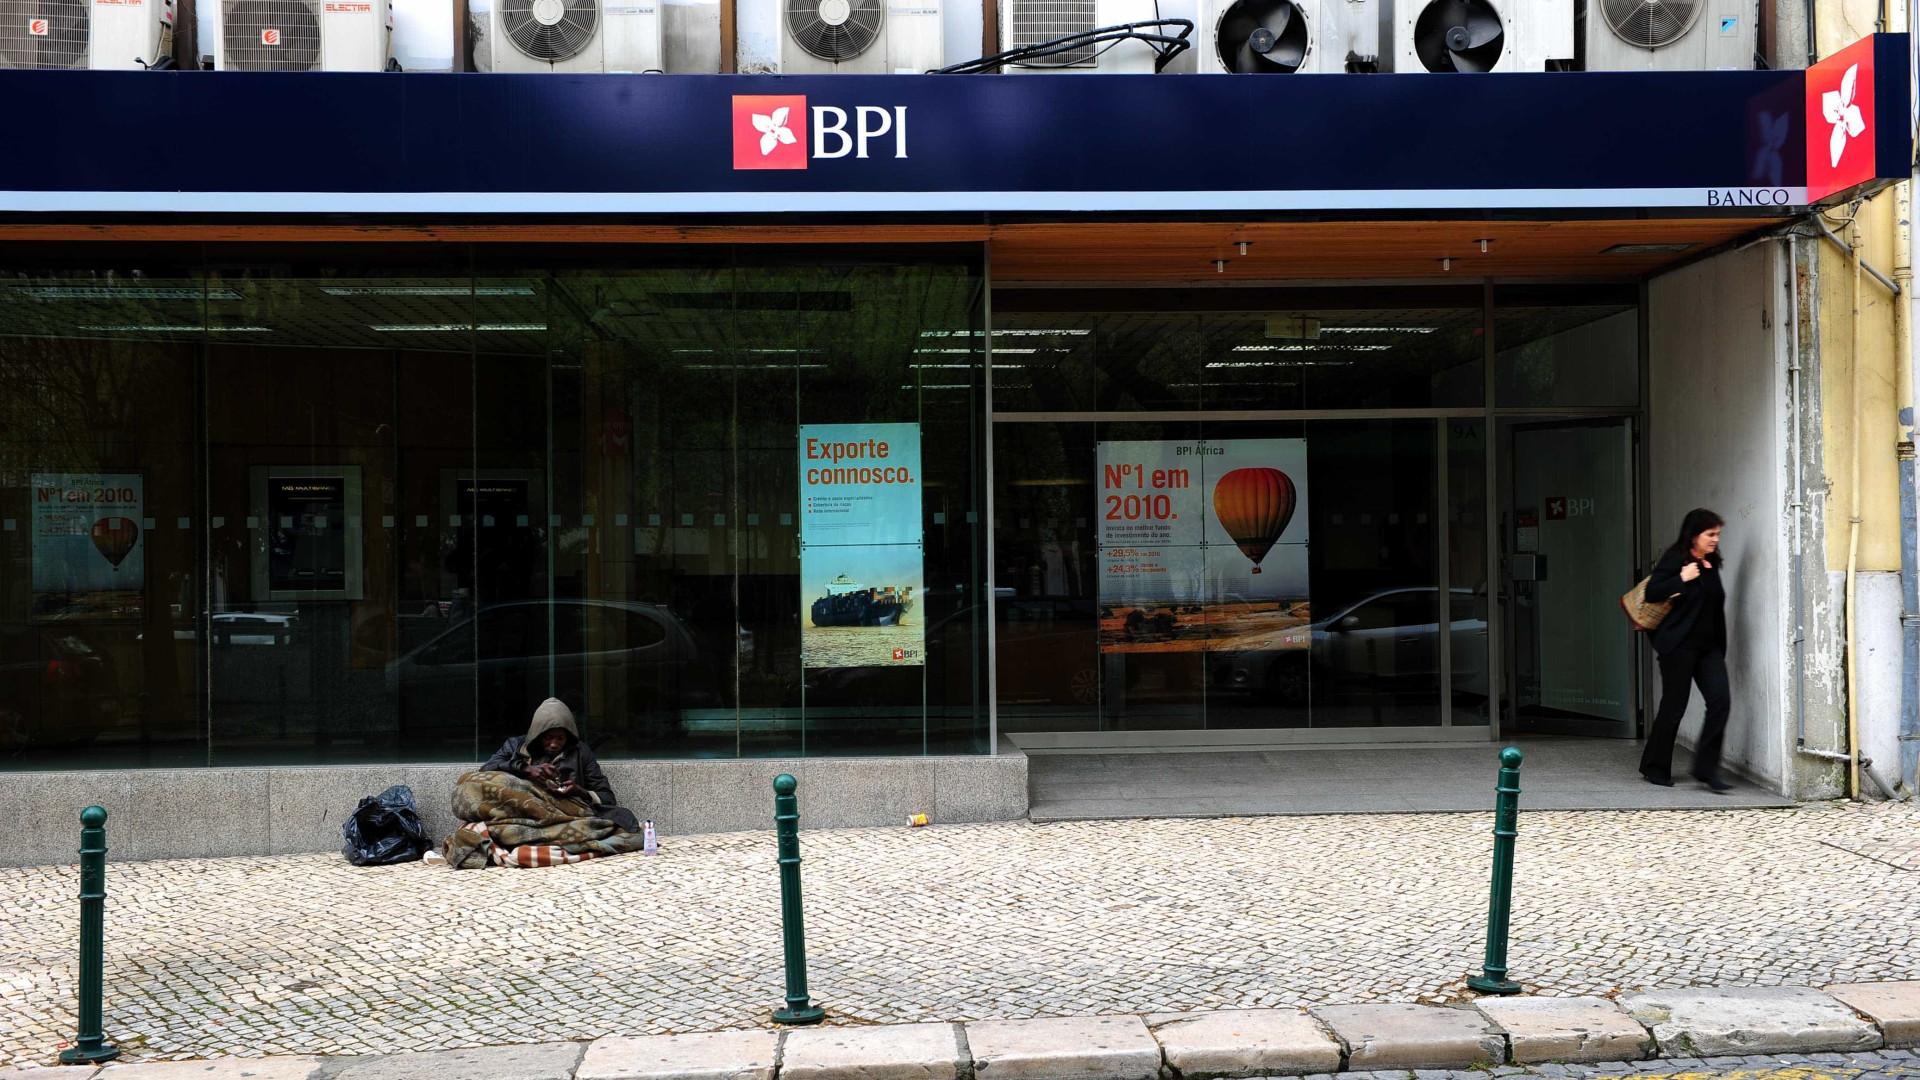 Mais de 300 pessoas saíram do BPI até setembro e mais 250 sairão até 2018